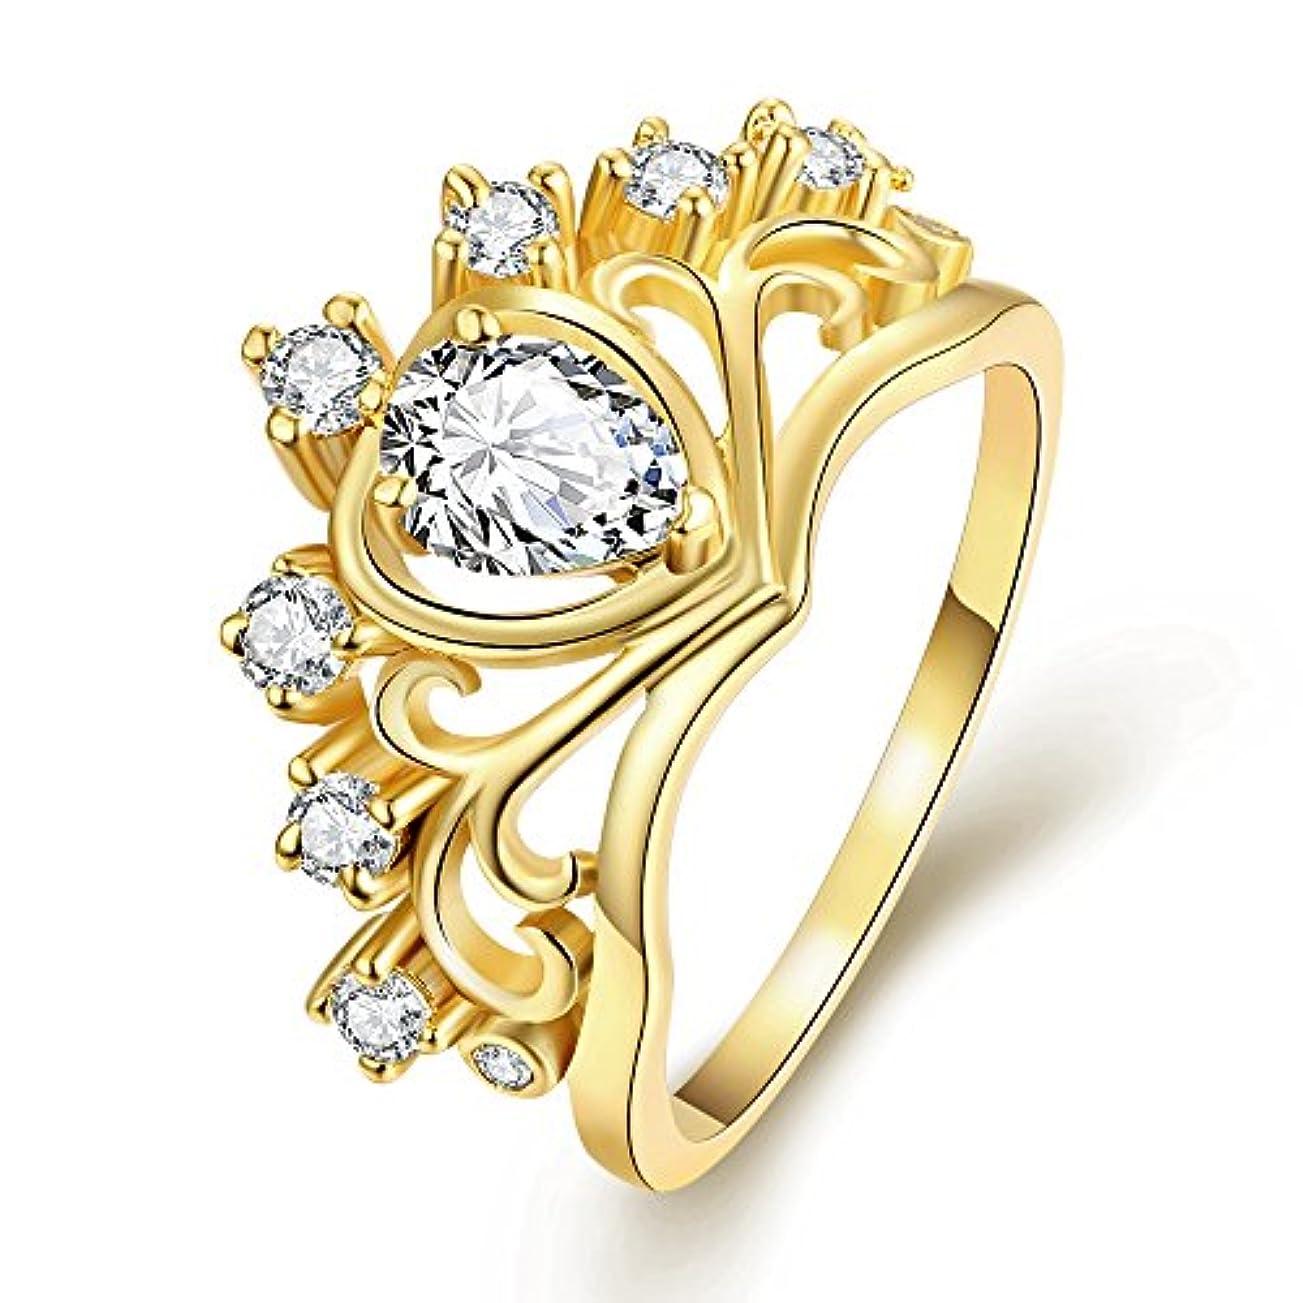 コミュニティ丁寧フラップ18k日韓が売れる おしゃれハート型ゴールドジルコン指輪 美しいクラウン結婚指輪 ウエディングドレスアクセサリー 輝く水晶の指輪 記念日のプレゼント ルギー防止